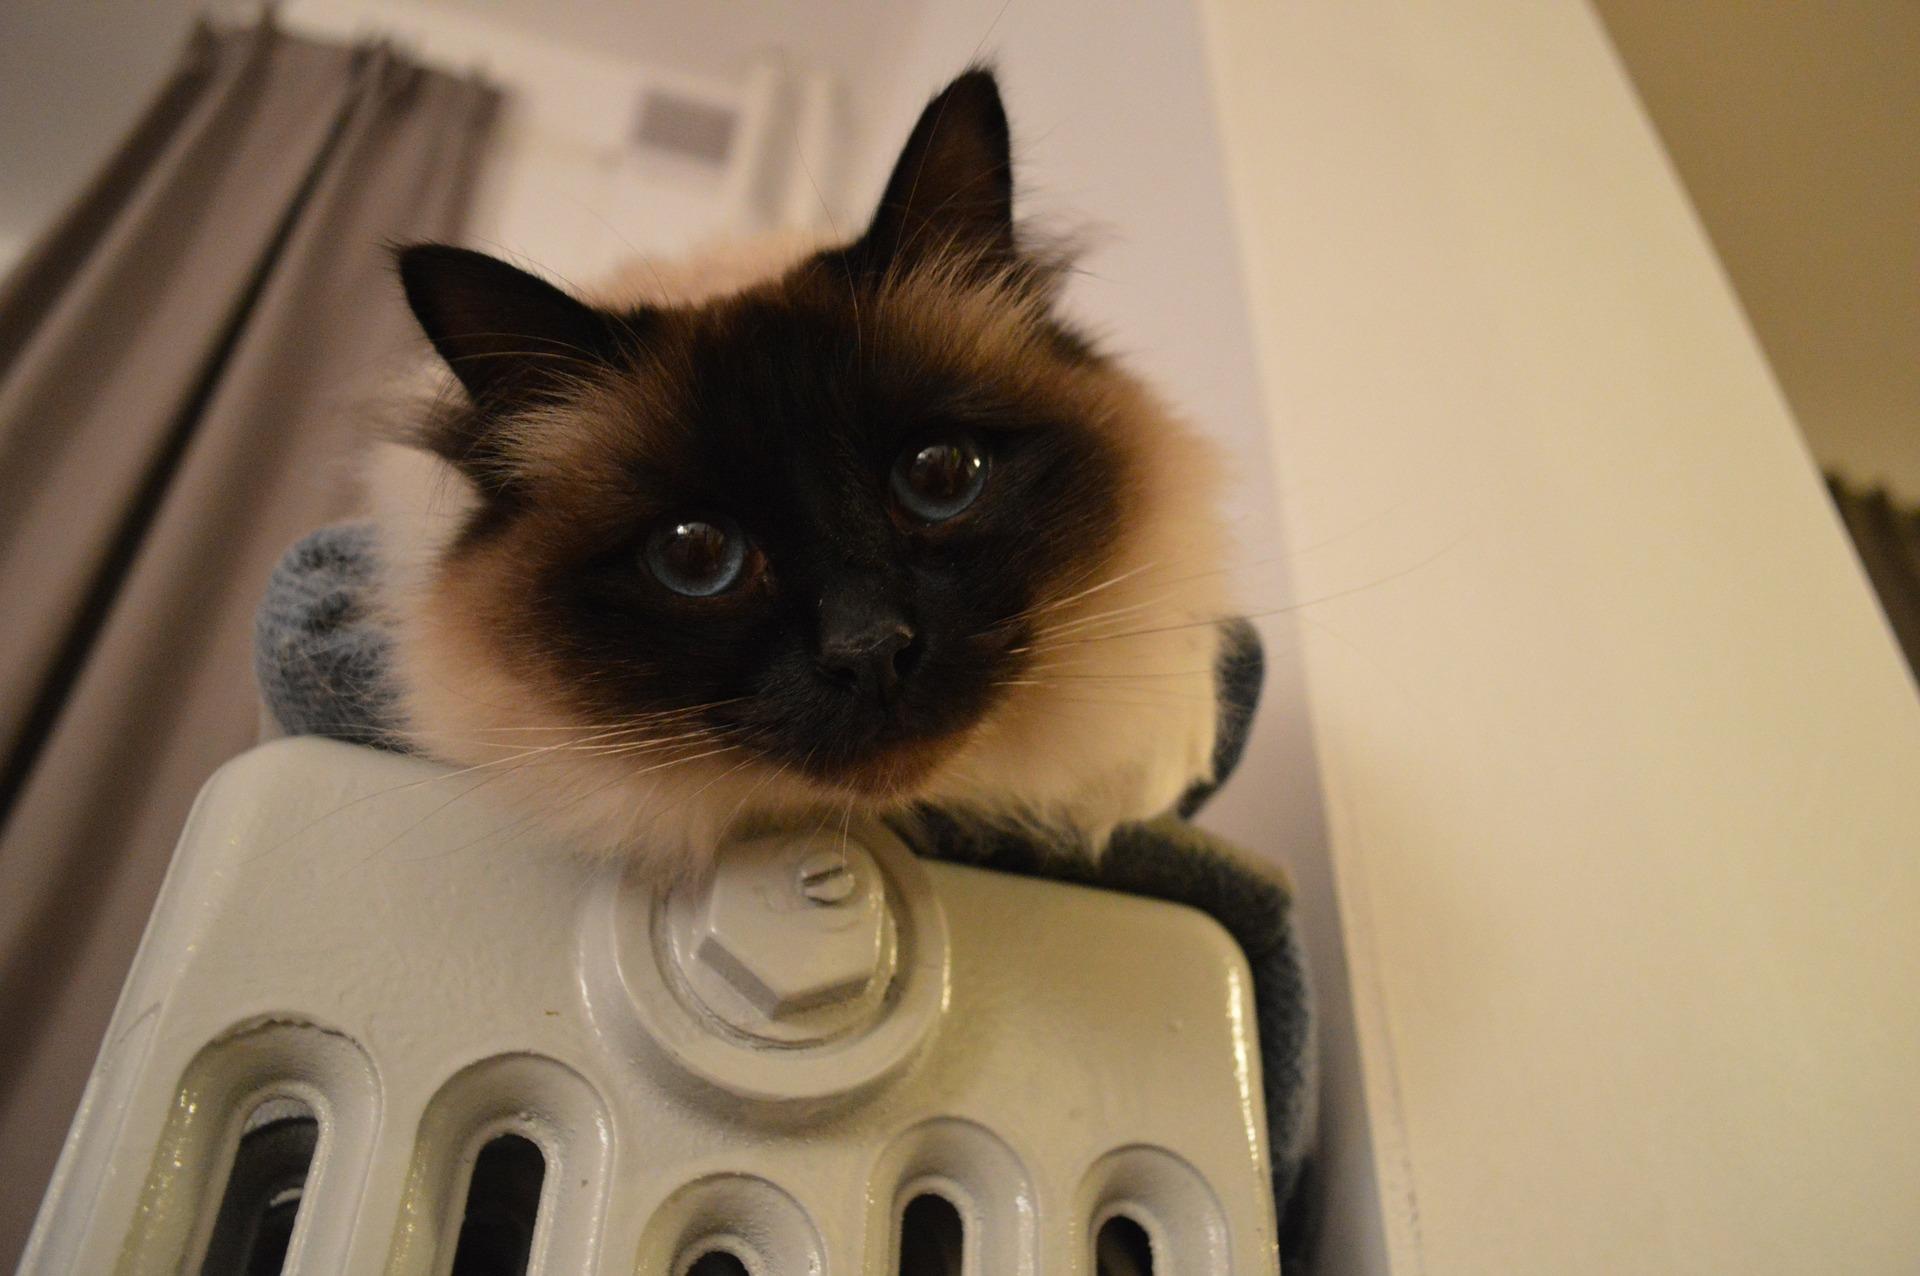 Kot birmański zwany jest również świętym kotem. Jest bardzo towarzyski, ale też strachliwy.